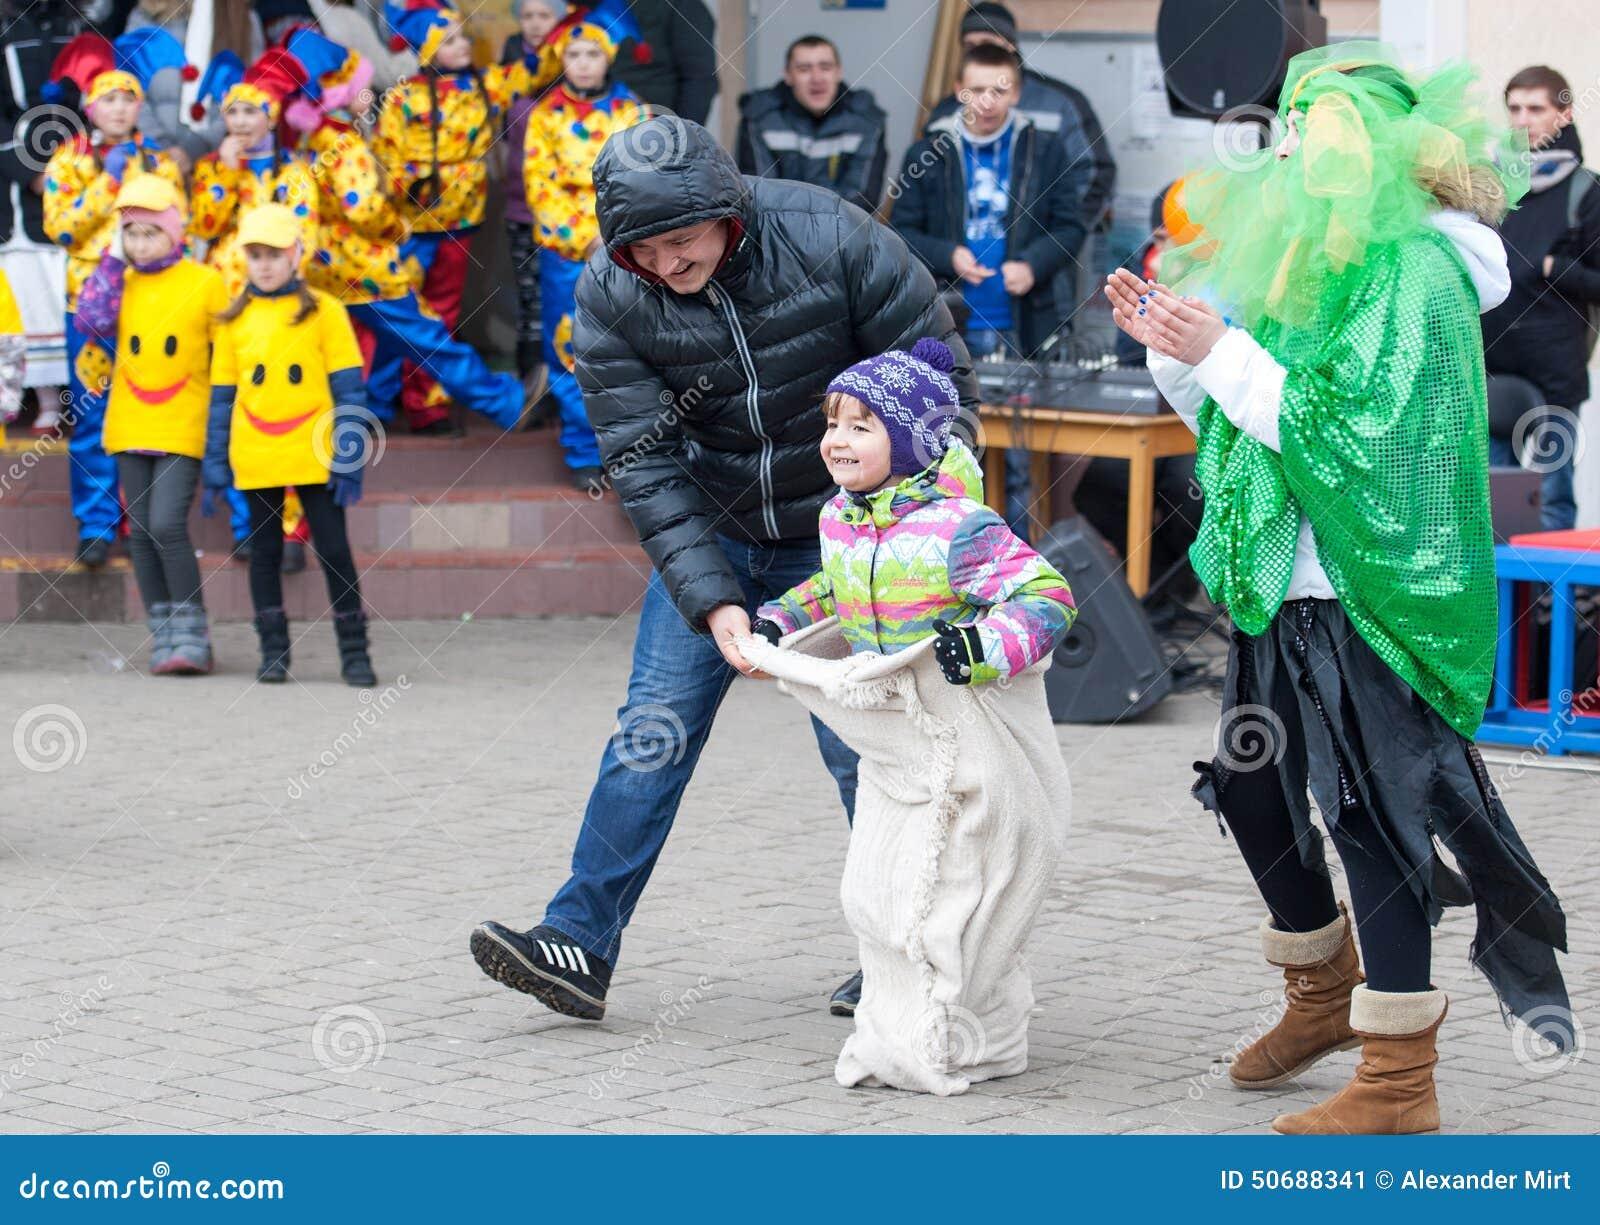 Download 在父亲帮助下 编辑类照片. 图片 包括有 伙计, 森林, 玩偶, 舞蹈, 喜悦, 膳食, 节假日, 食物 - 50688341